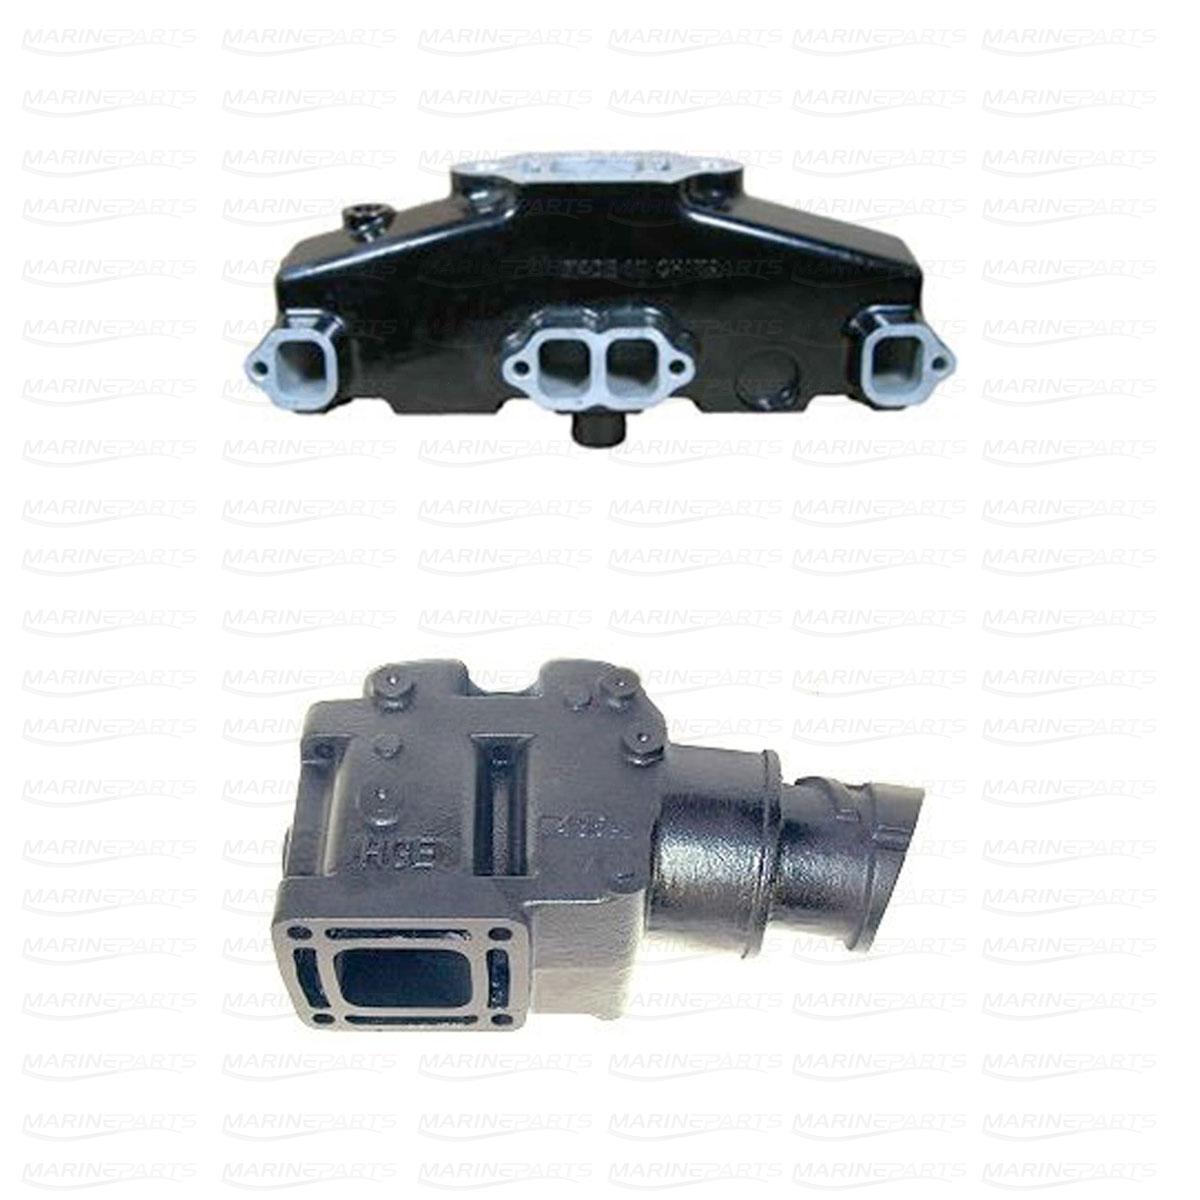 aluminium exhaust manifold kit